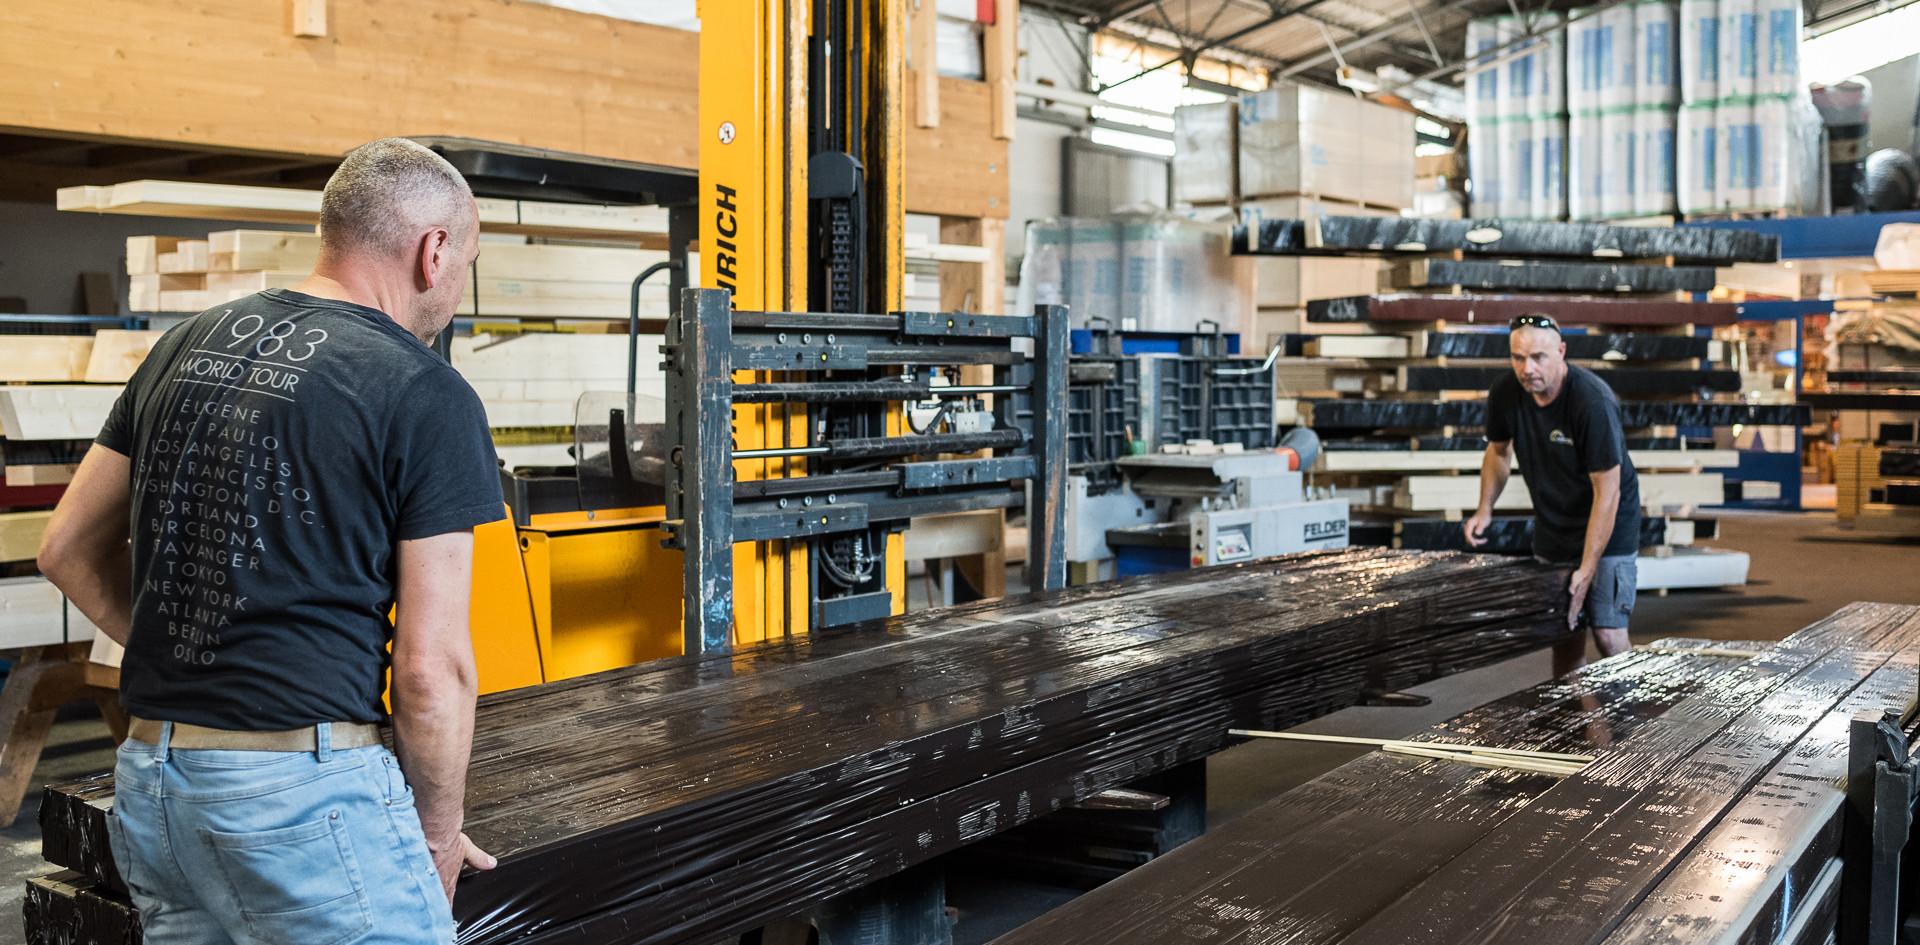 Taglio automatico del legno